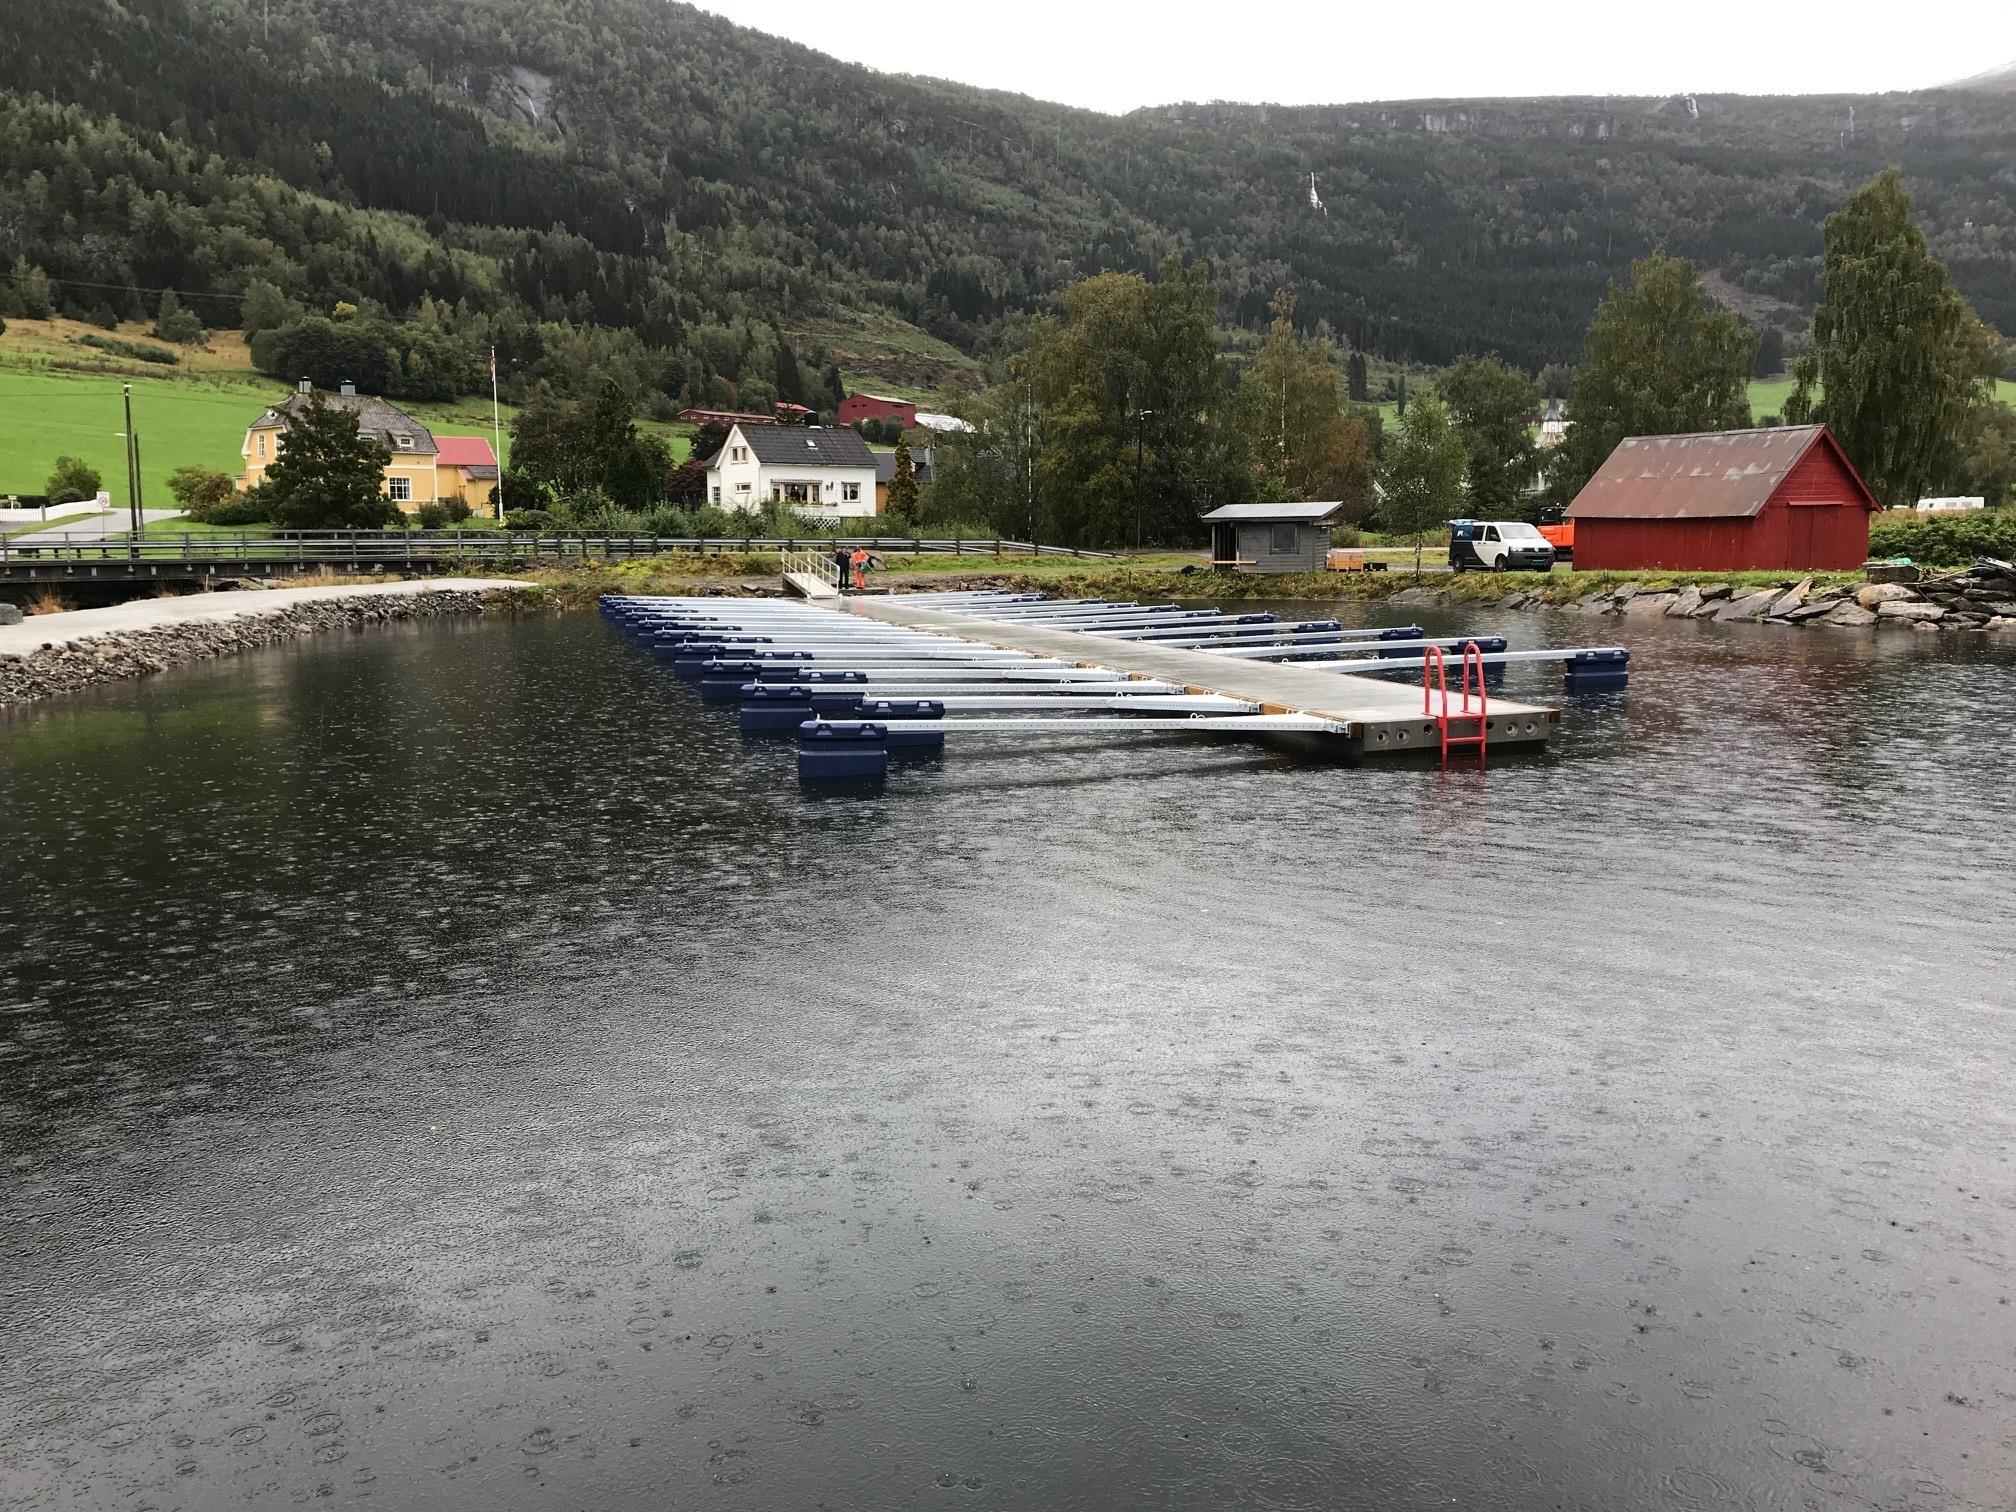 https://www.marinasolutions.no/uploads/Innvik-båtforening-småbåtsanlegg-sklisikre-utriggere-fortøyningsbommer-5.jpg